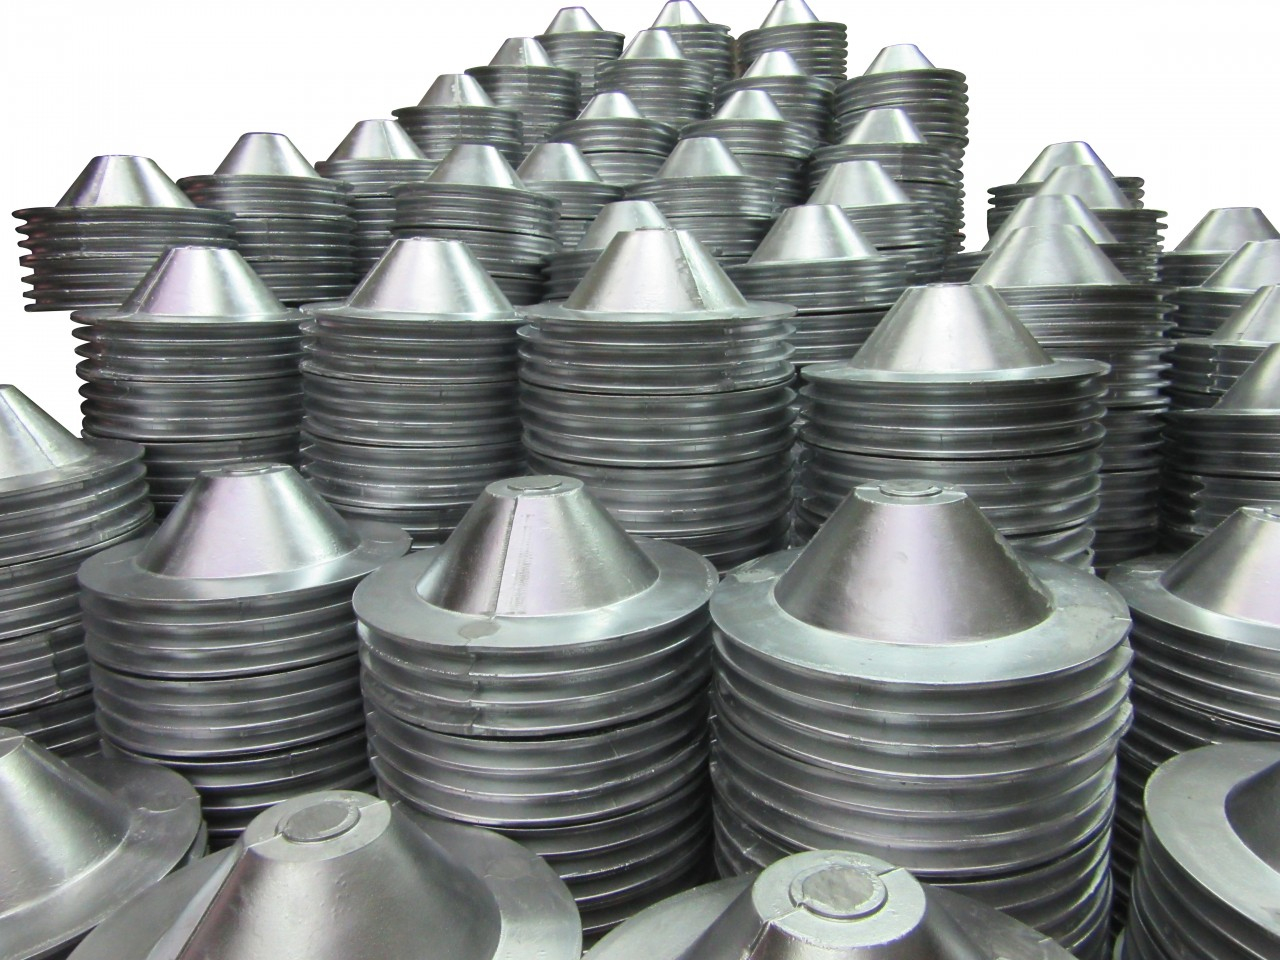 Kokillenguss Von Aluminiumlegierungen | Gießerei Dolinar D.o.o. dedans Lit Gravita